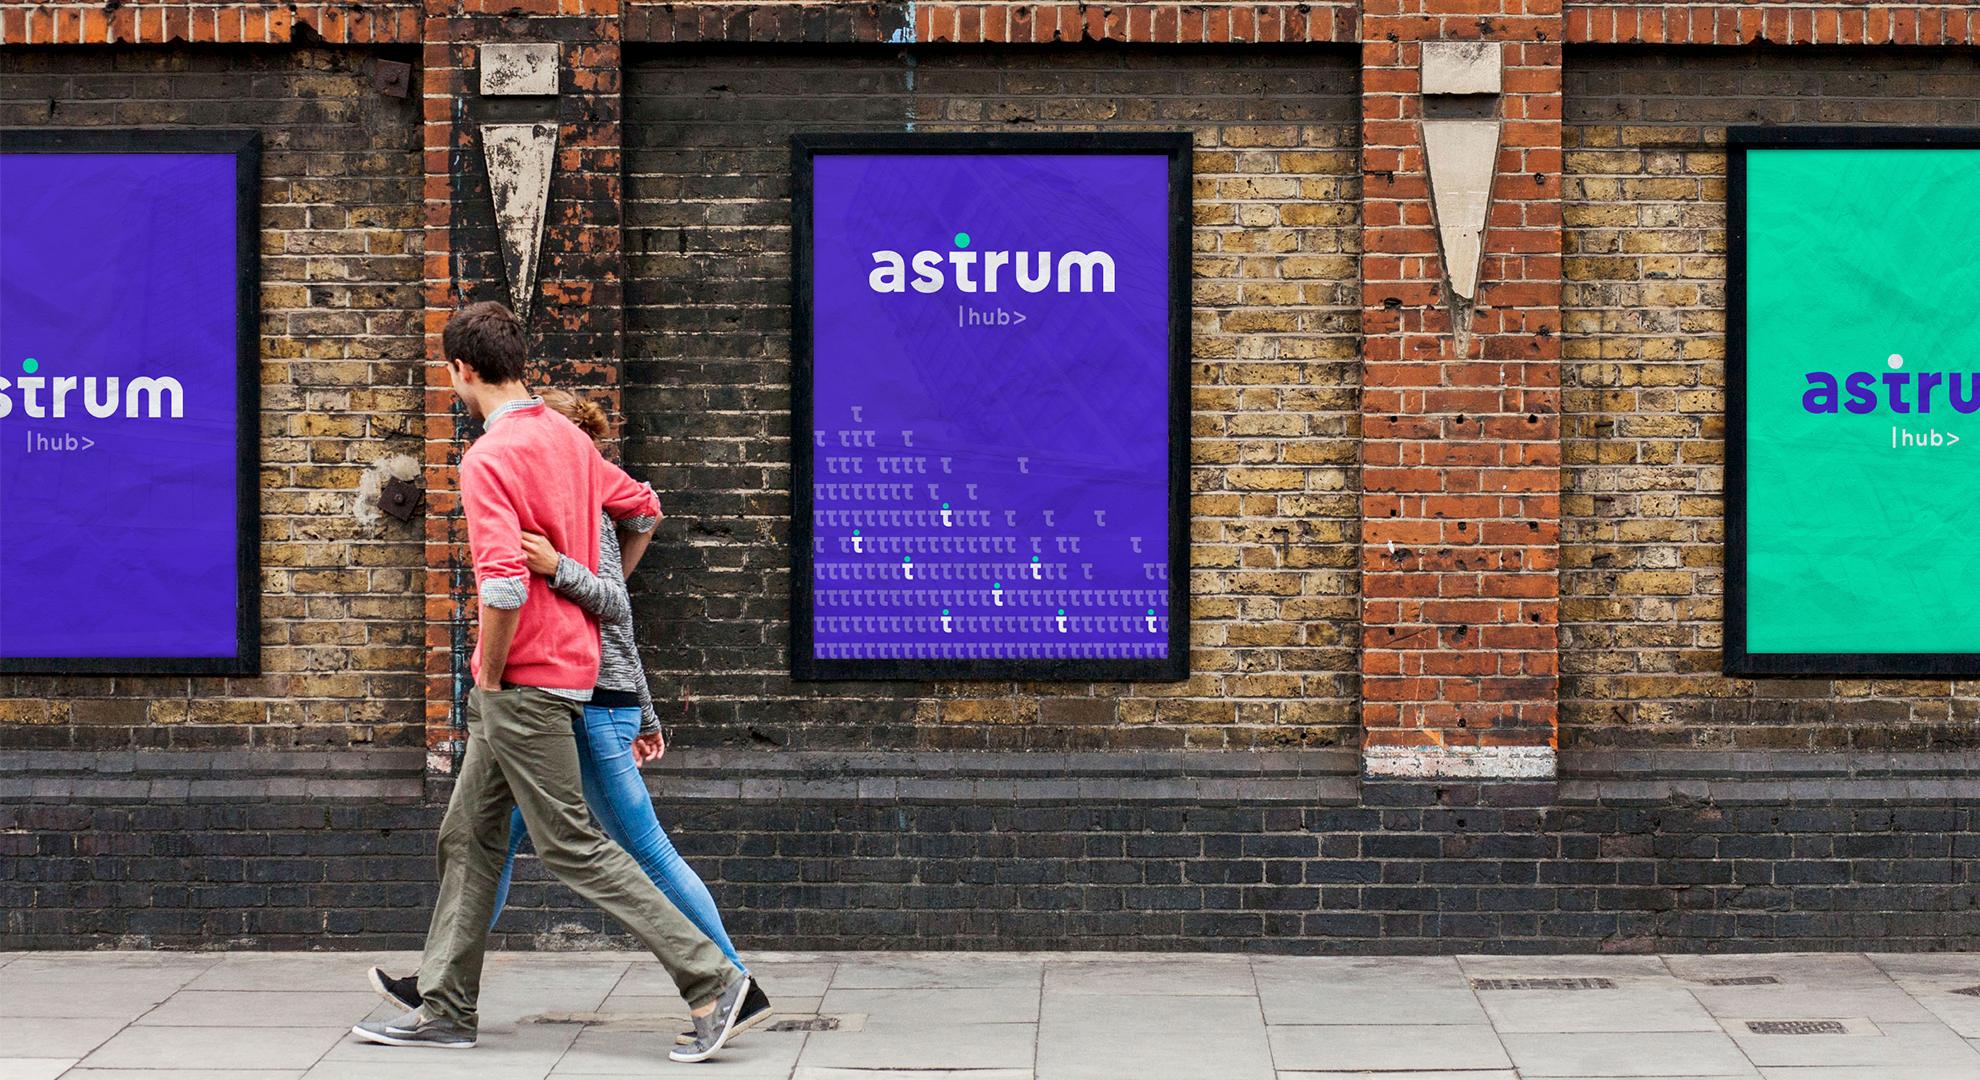 Astrum image